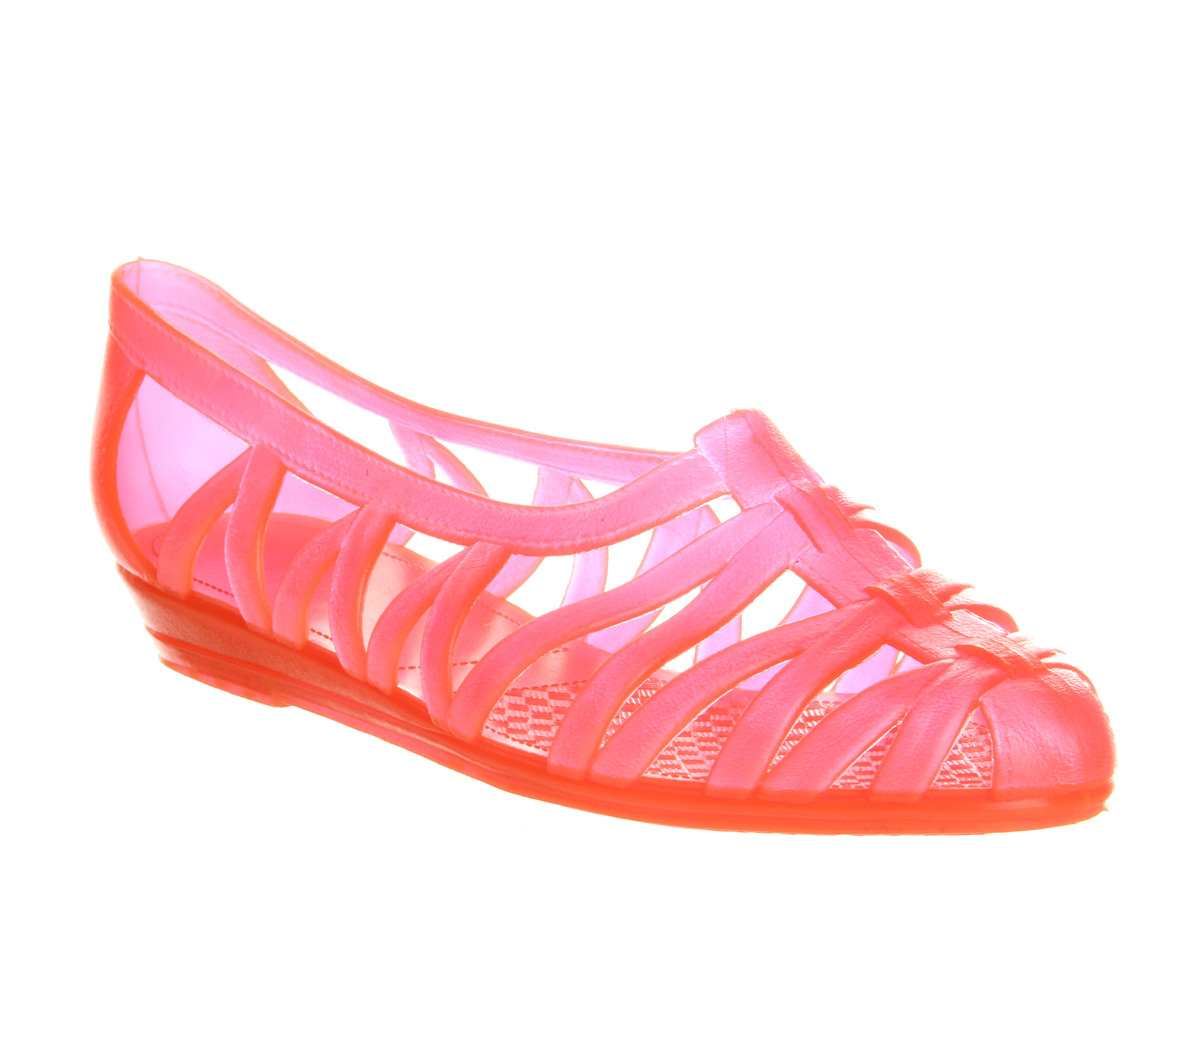 Clothes, Shoes & Accessories > Women's Shoes > Sandals & Beach Shoes